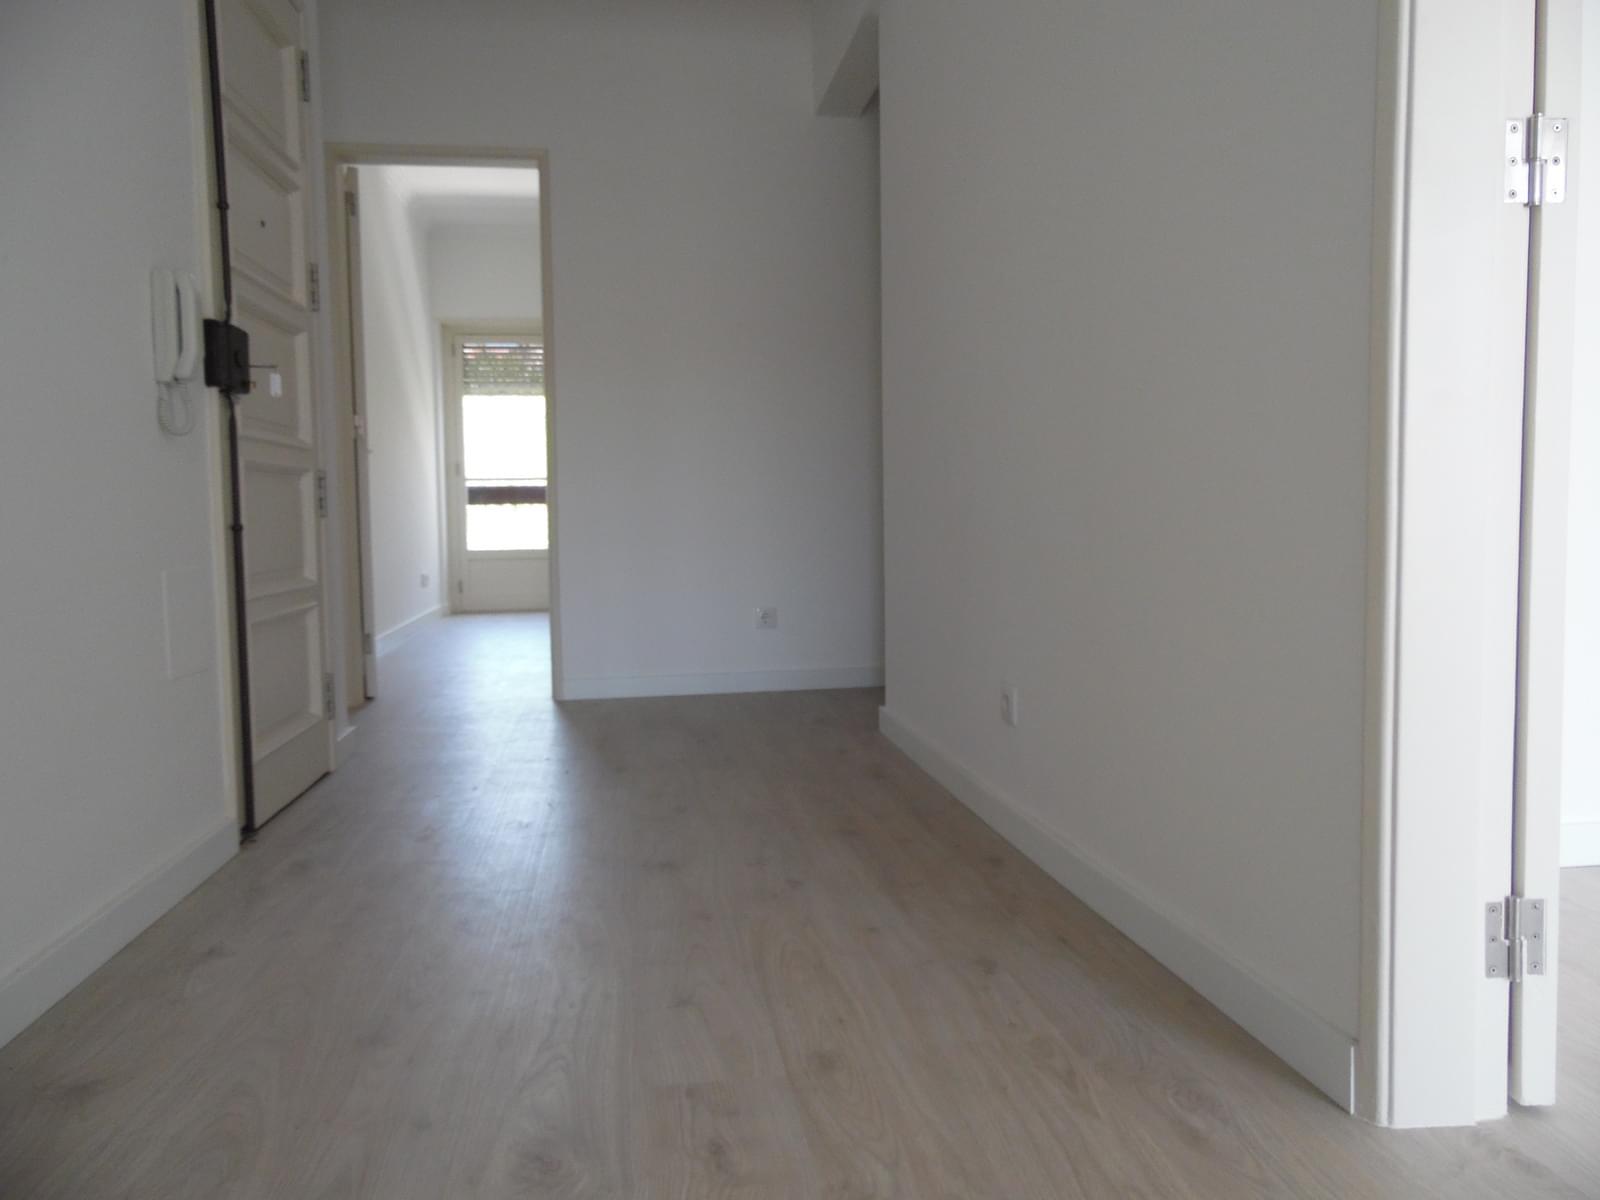 pf17195-apartamento-t3-oeiras-b4033883-bea6-4870-97ad-216060c0e609